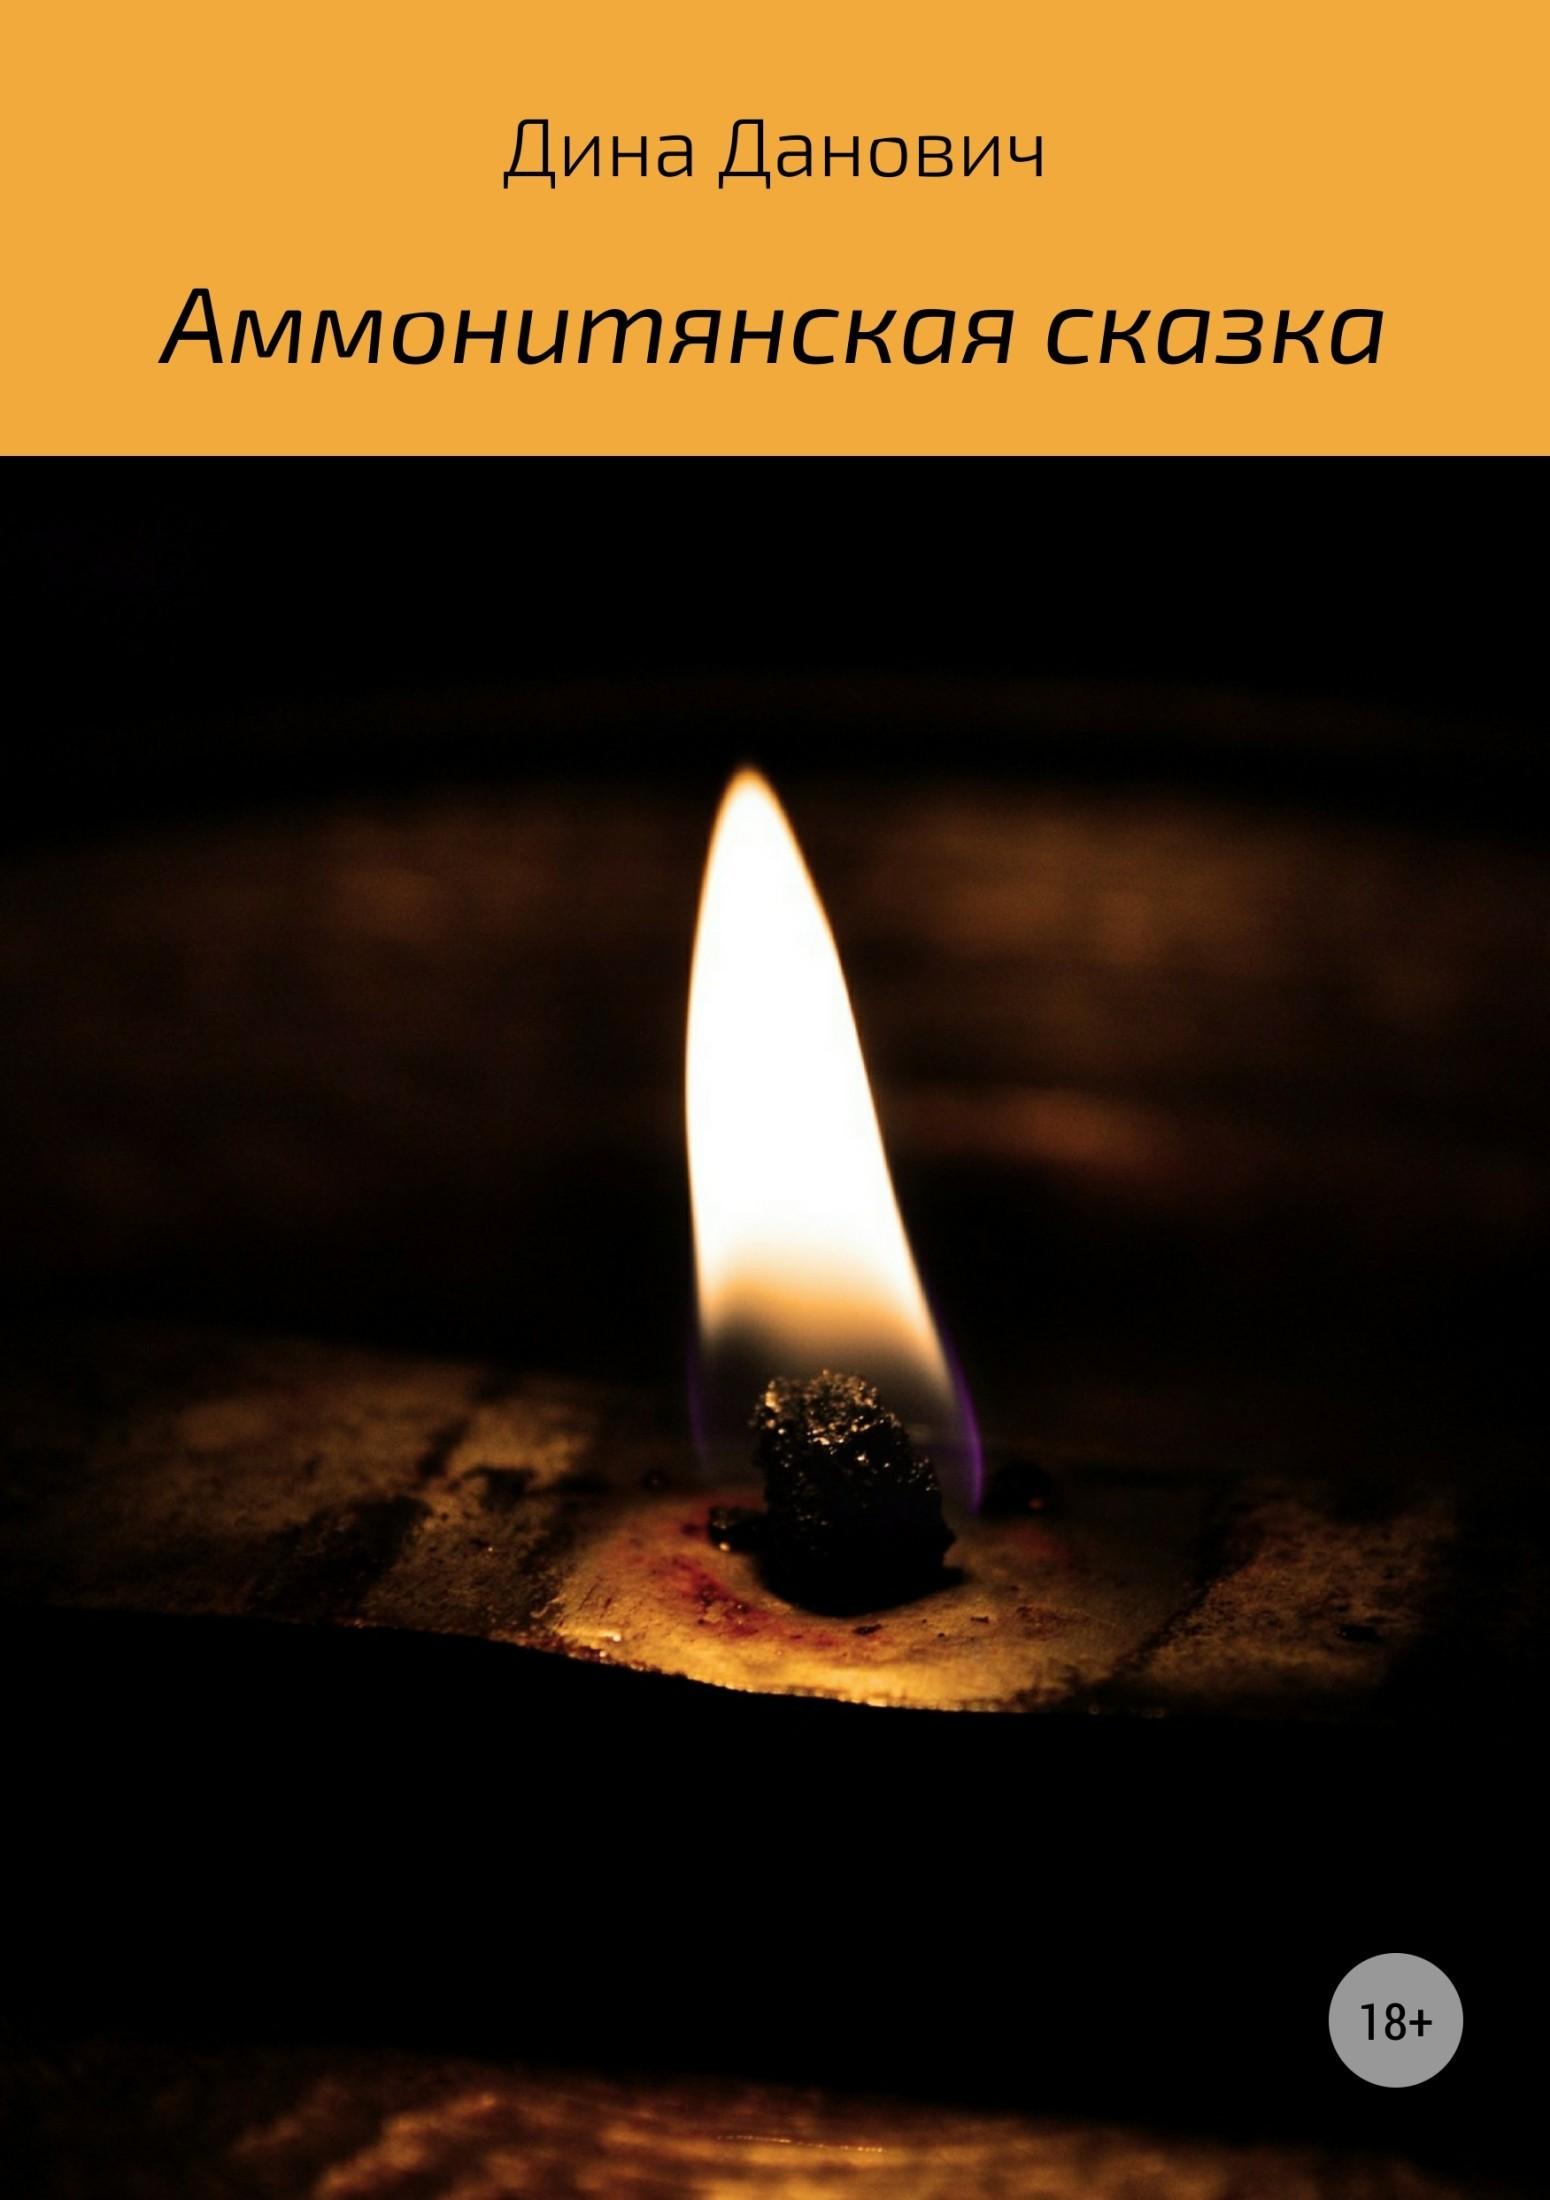 Аммонитянская сказка